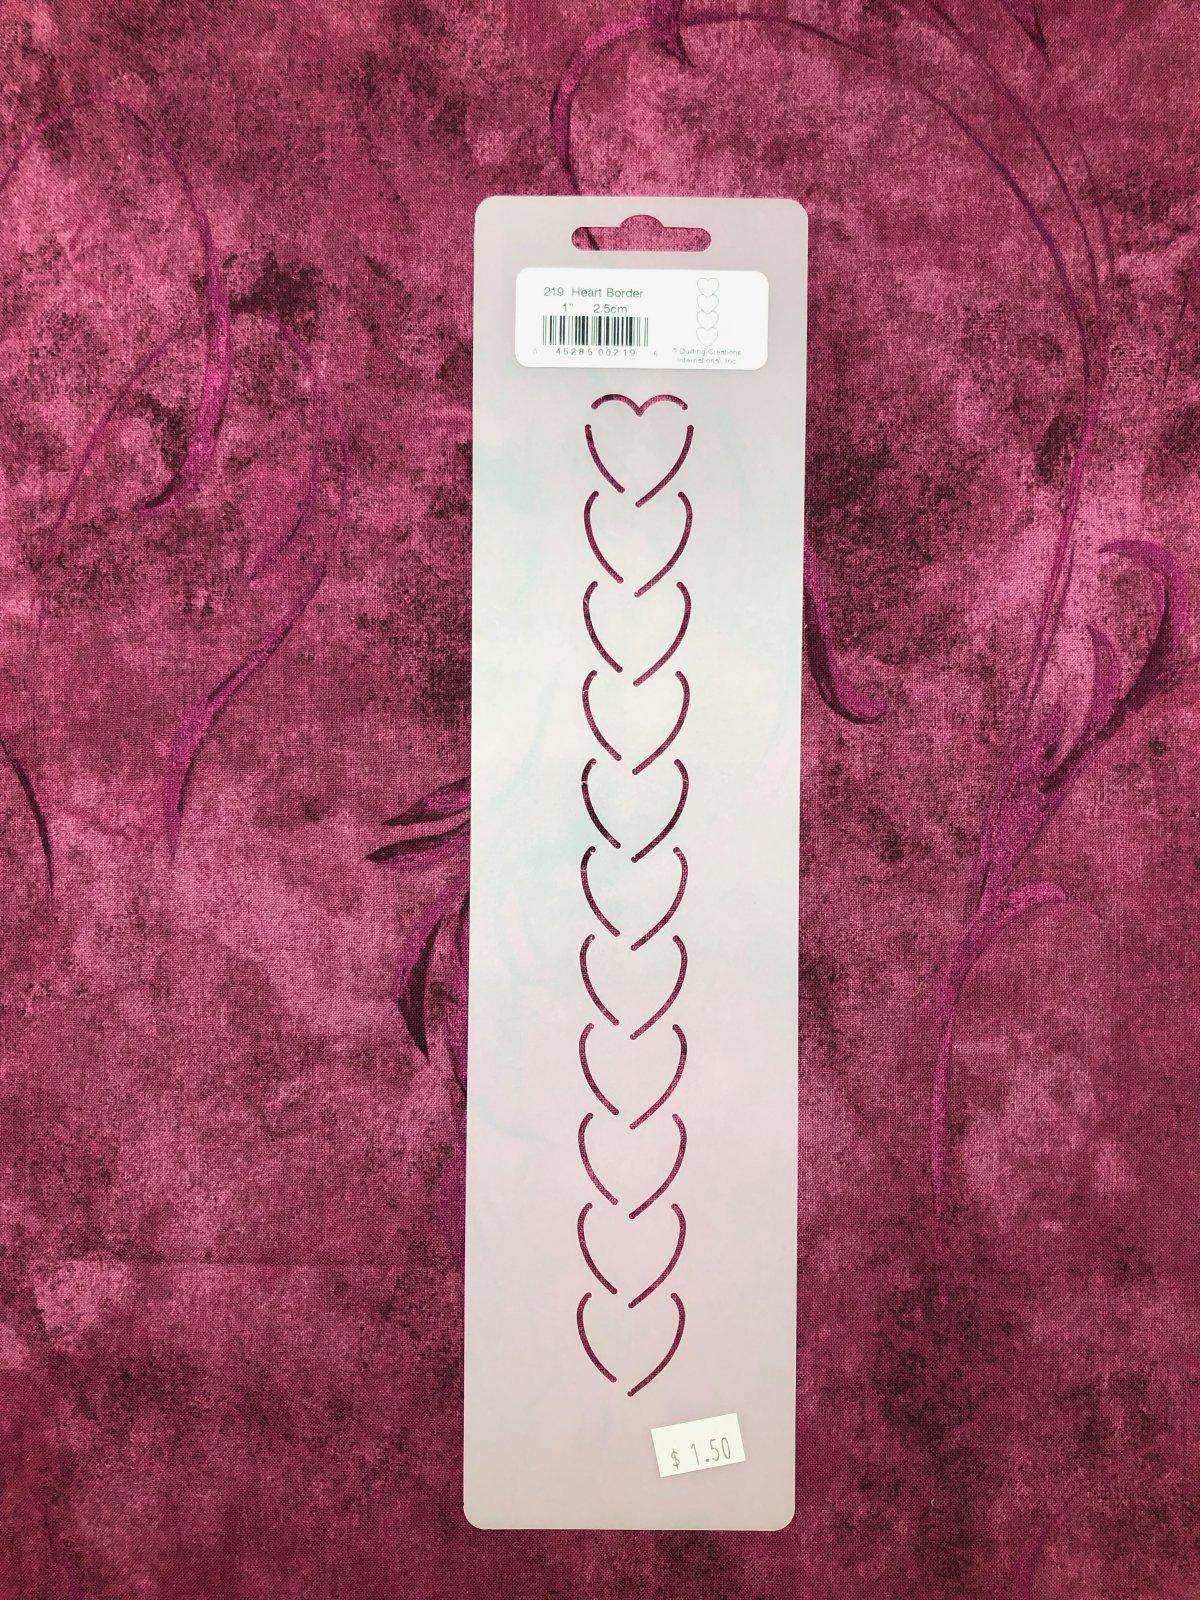 219 Heart Border 1 Inch Stencil